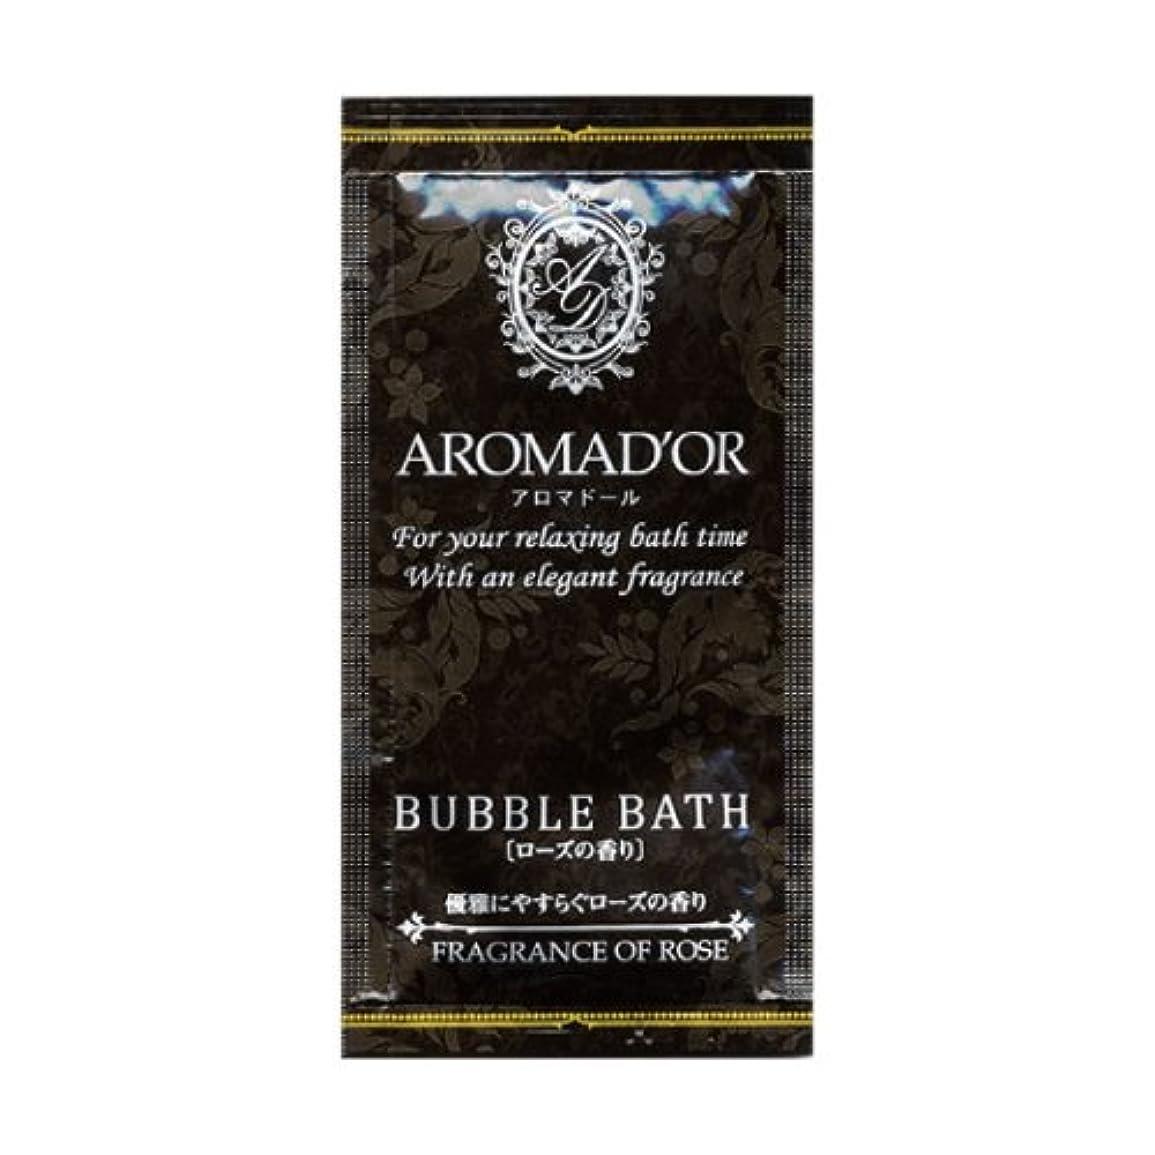 懲らしめ不公平使用法アロマドール バブルバス ローズの香り×12個セット